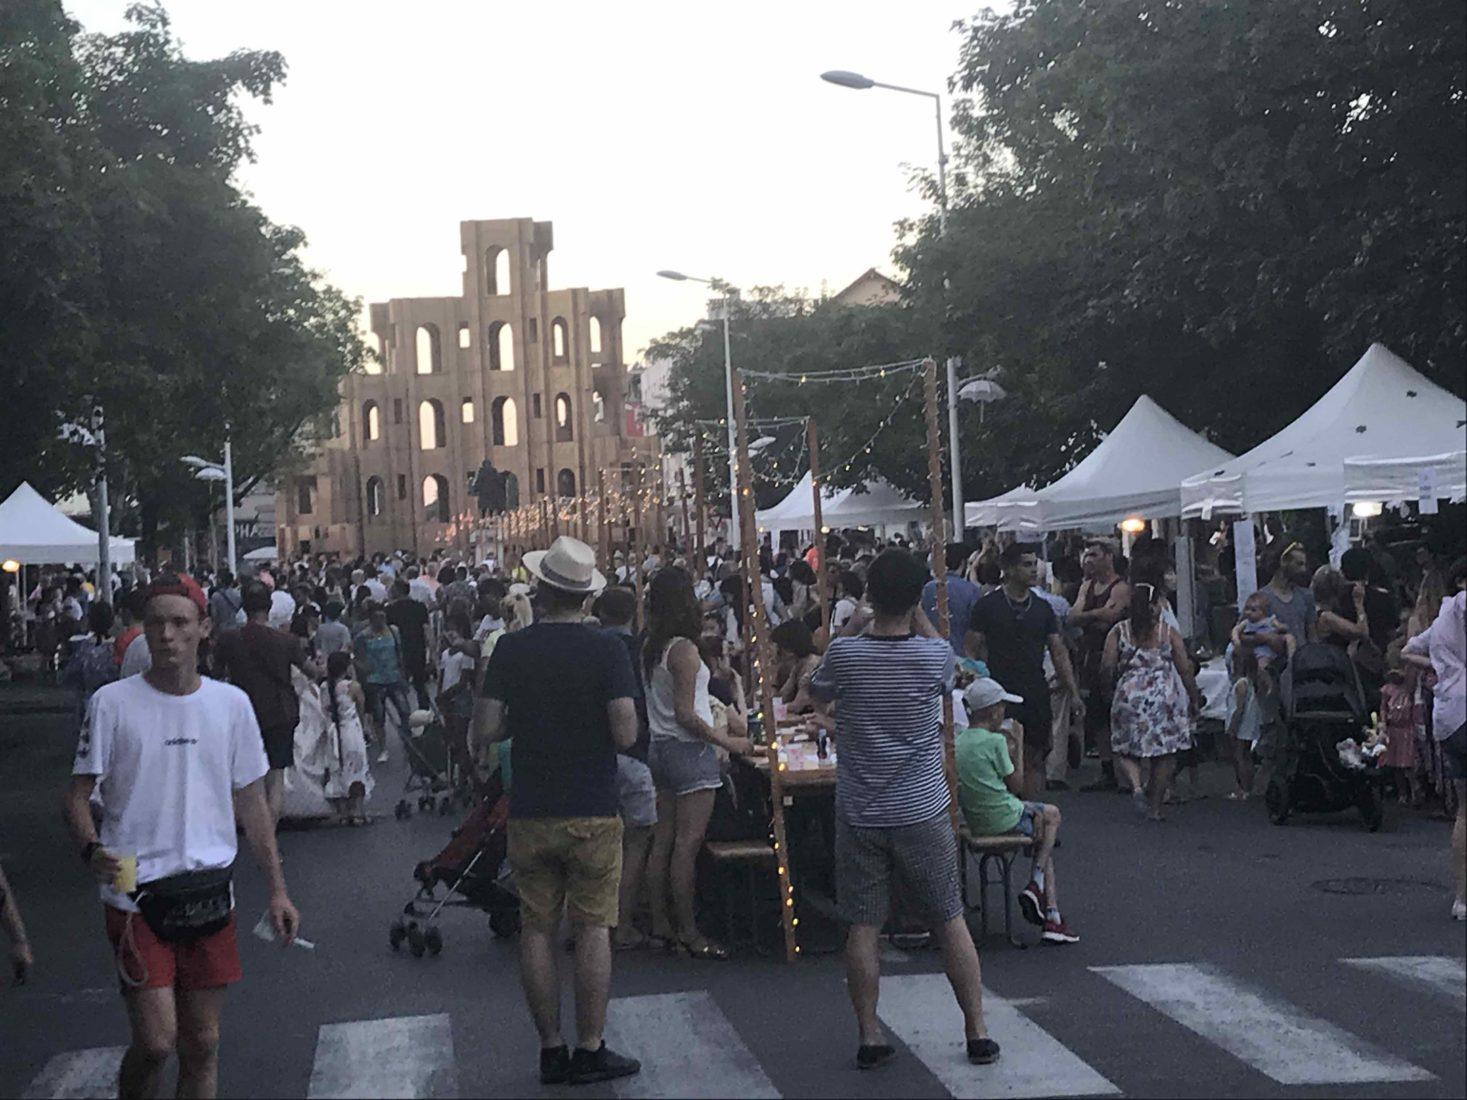 Fête à Ferney-Voltaire 2019 ambiance de rue